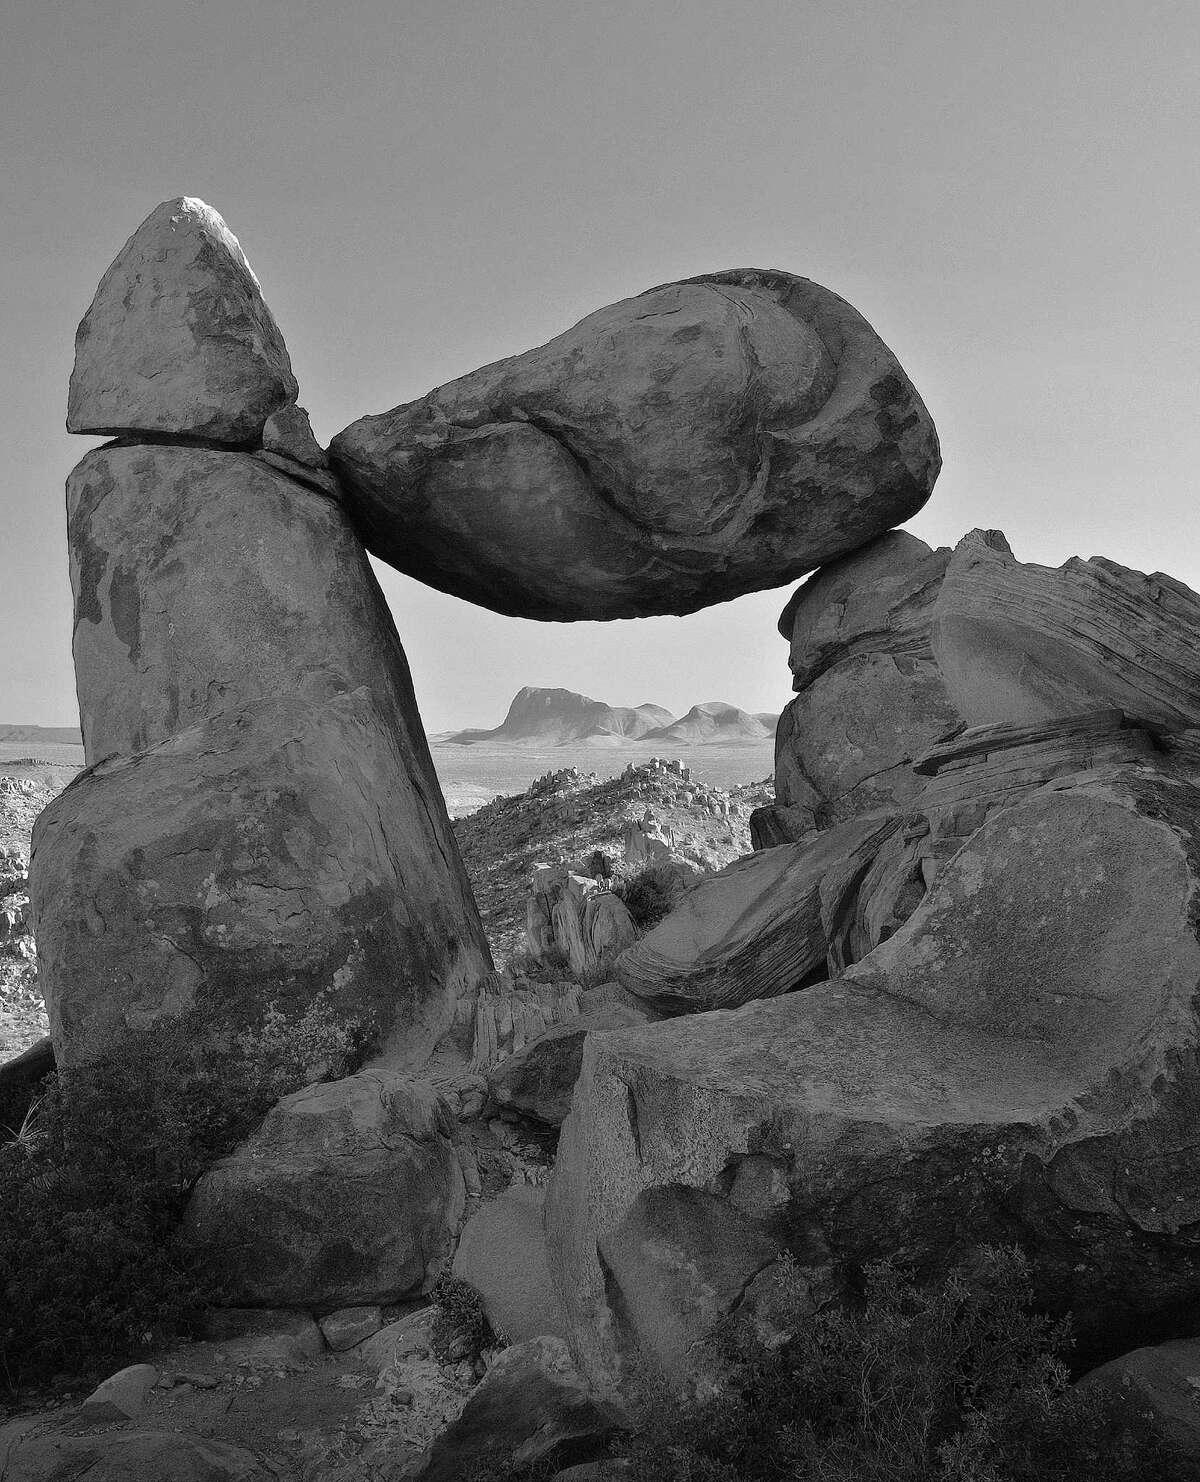 'Balanced Rock', Big Bend National Park, TExas